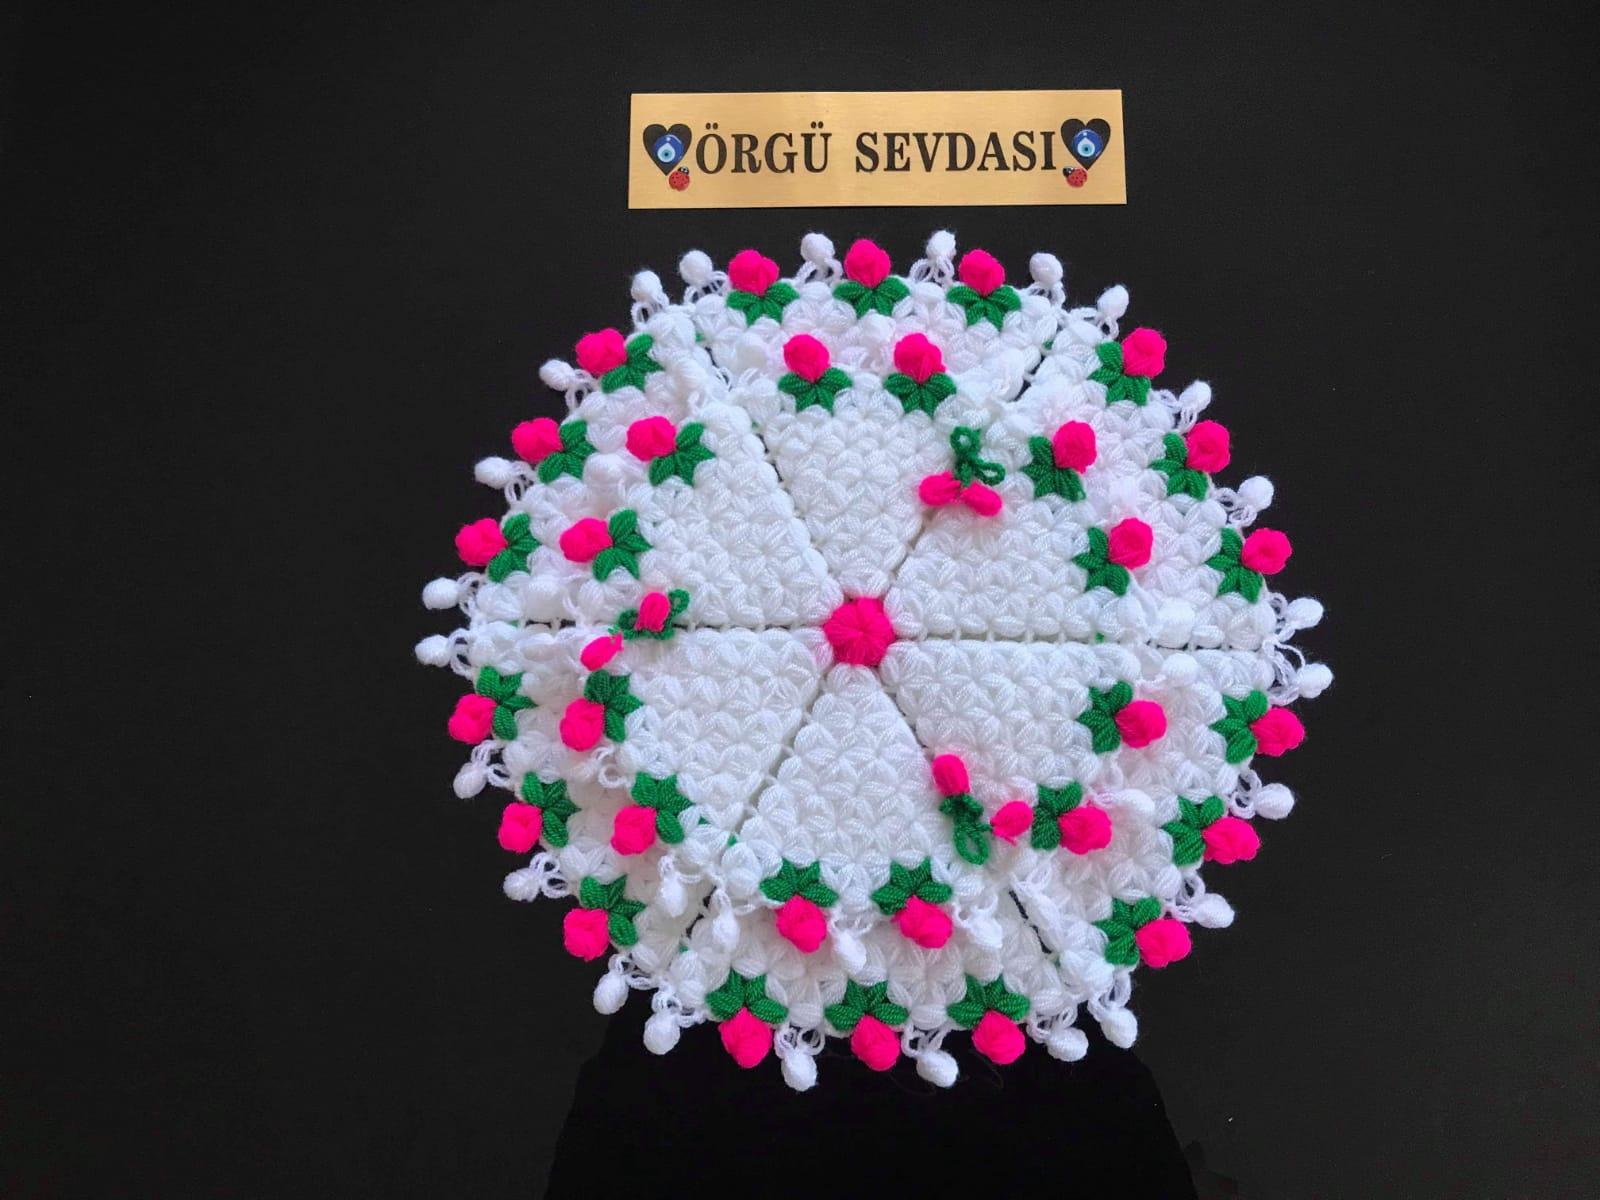 Çiçek Bahçesi Lif Modeli Yapılışı Videolu Anlatımlı